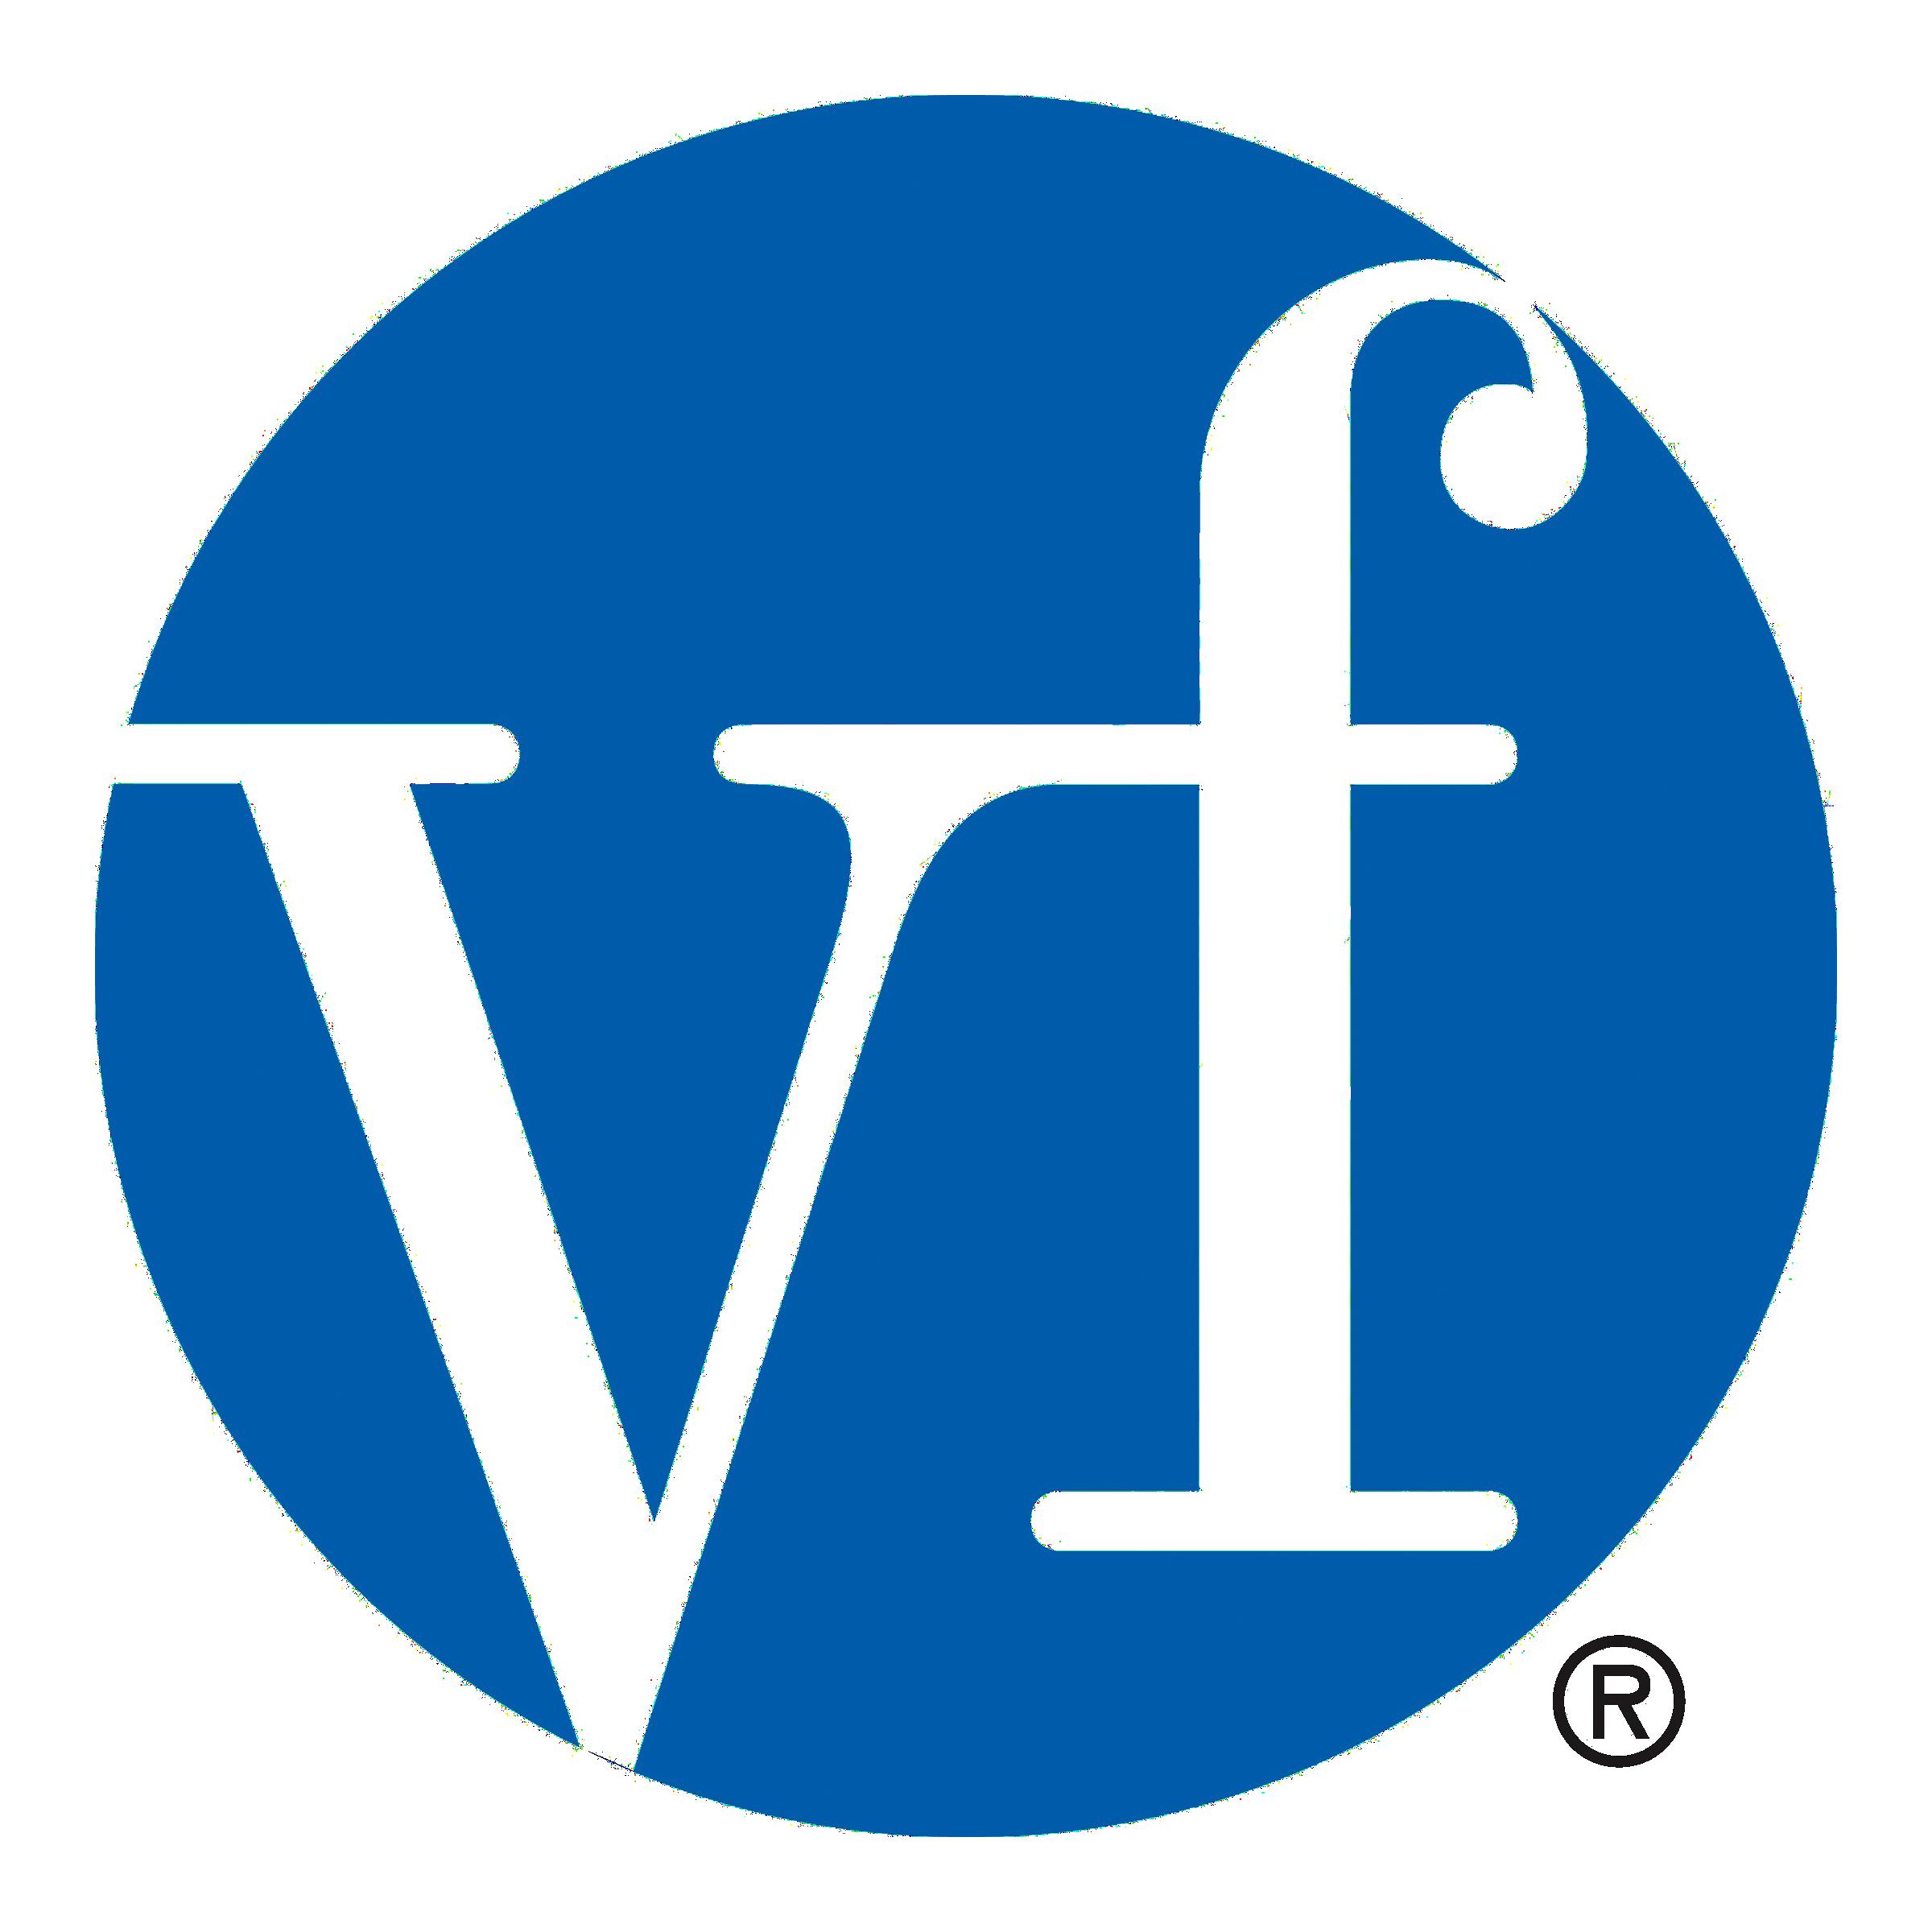 VF Logo PNG Image